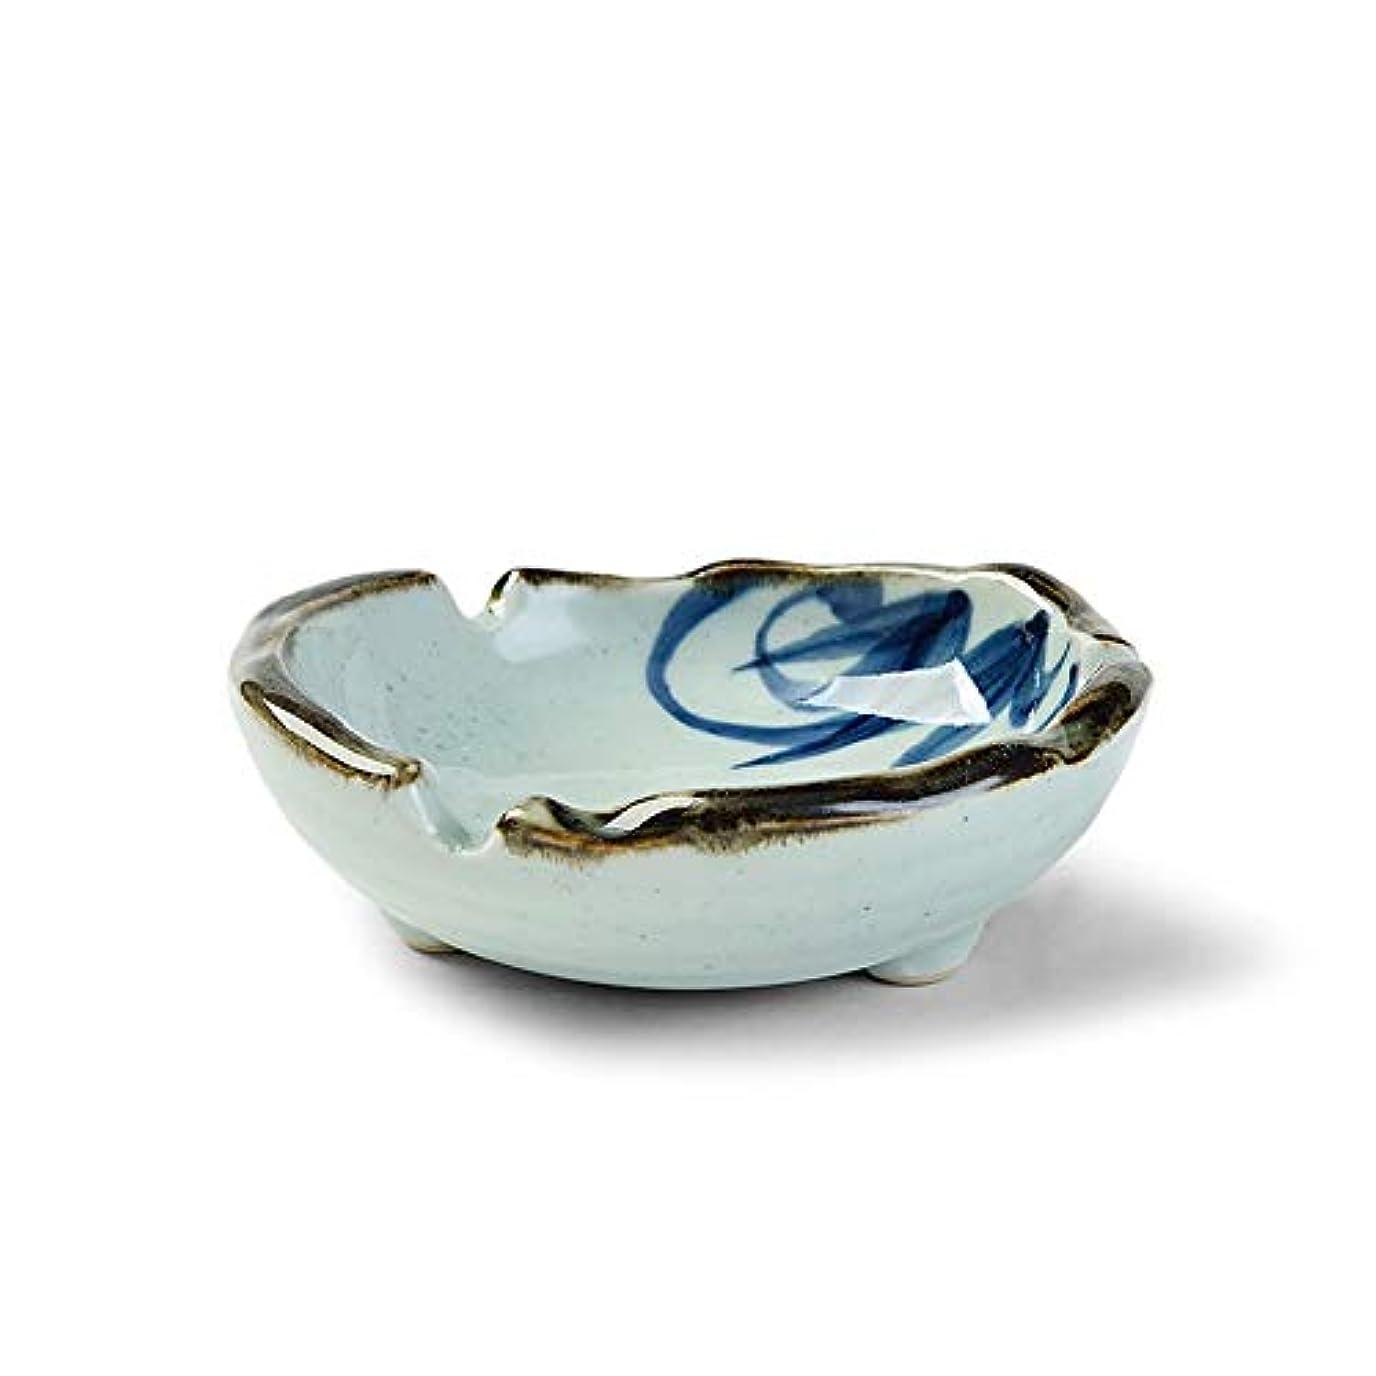 一次アーサー不当タバコ、ギフトおよび総本店の装飾のための灰皿円形の光沢のあるセラミック灰皿